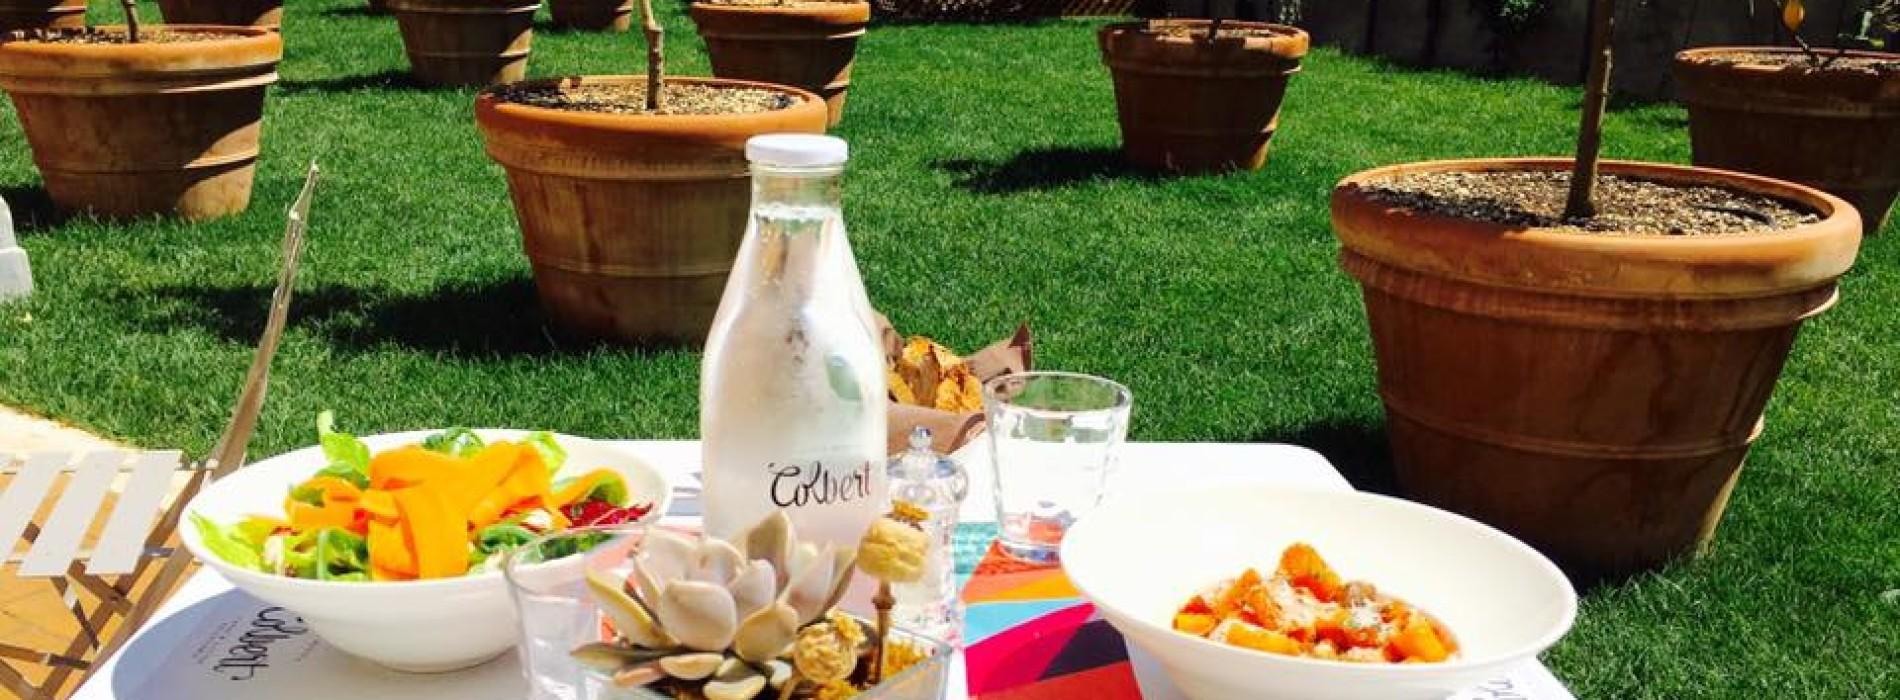 Colazione con vista a Roma: cinque bar e caffè mozzafiato, da Colbert a Villa Medici fino al Caffè Ciampini